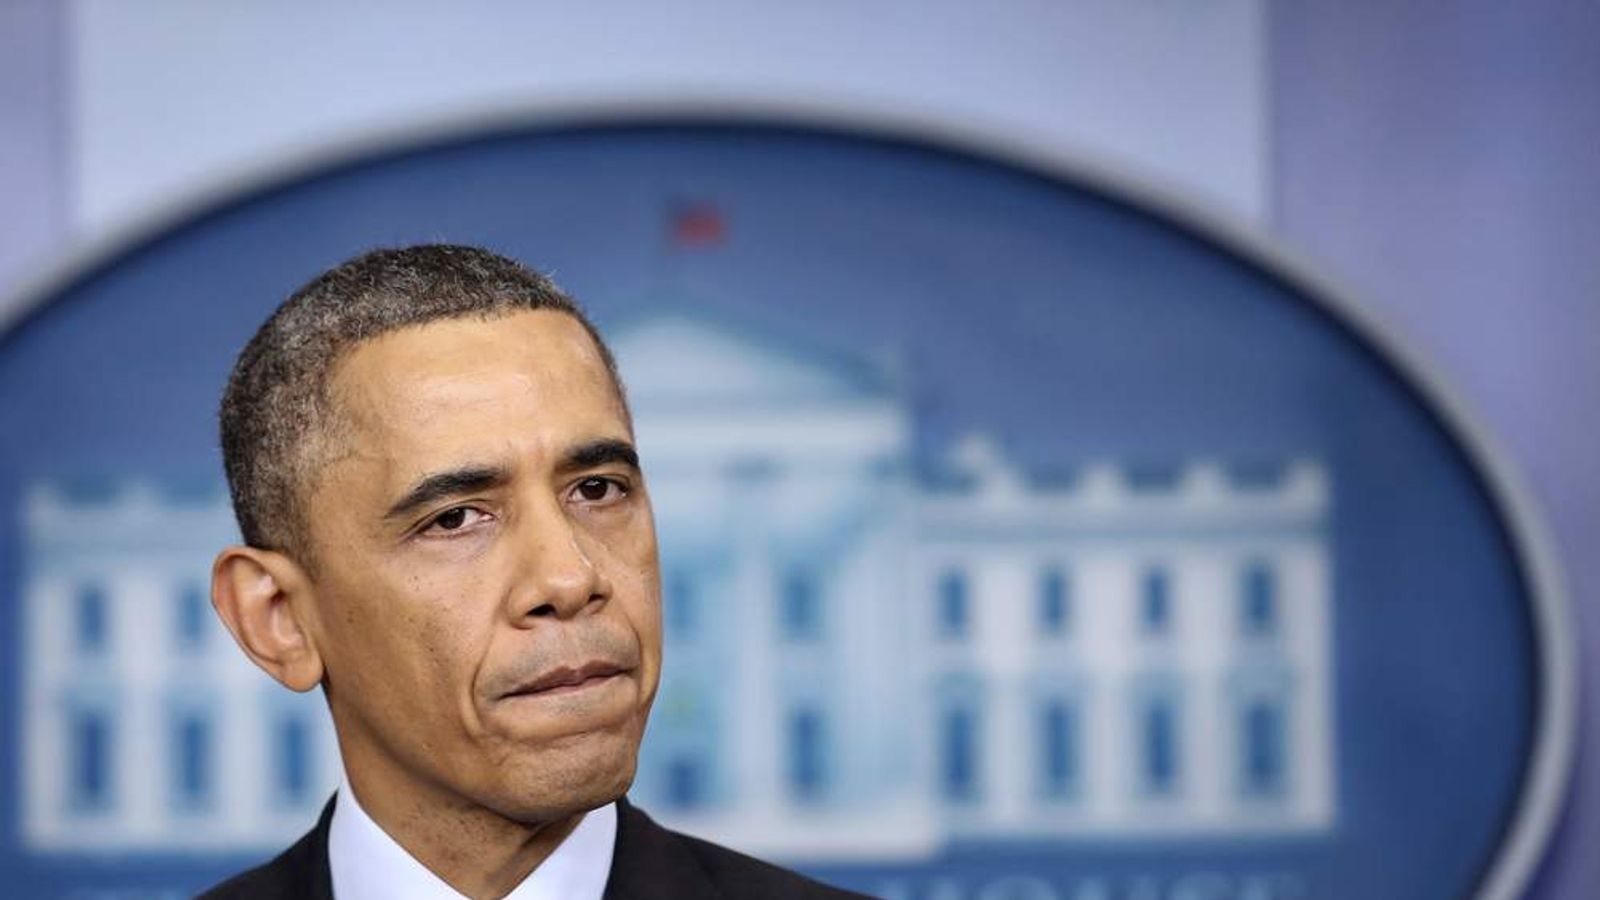 President Obama Delivers Statement On Death Of Nelson Mandela